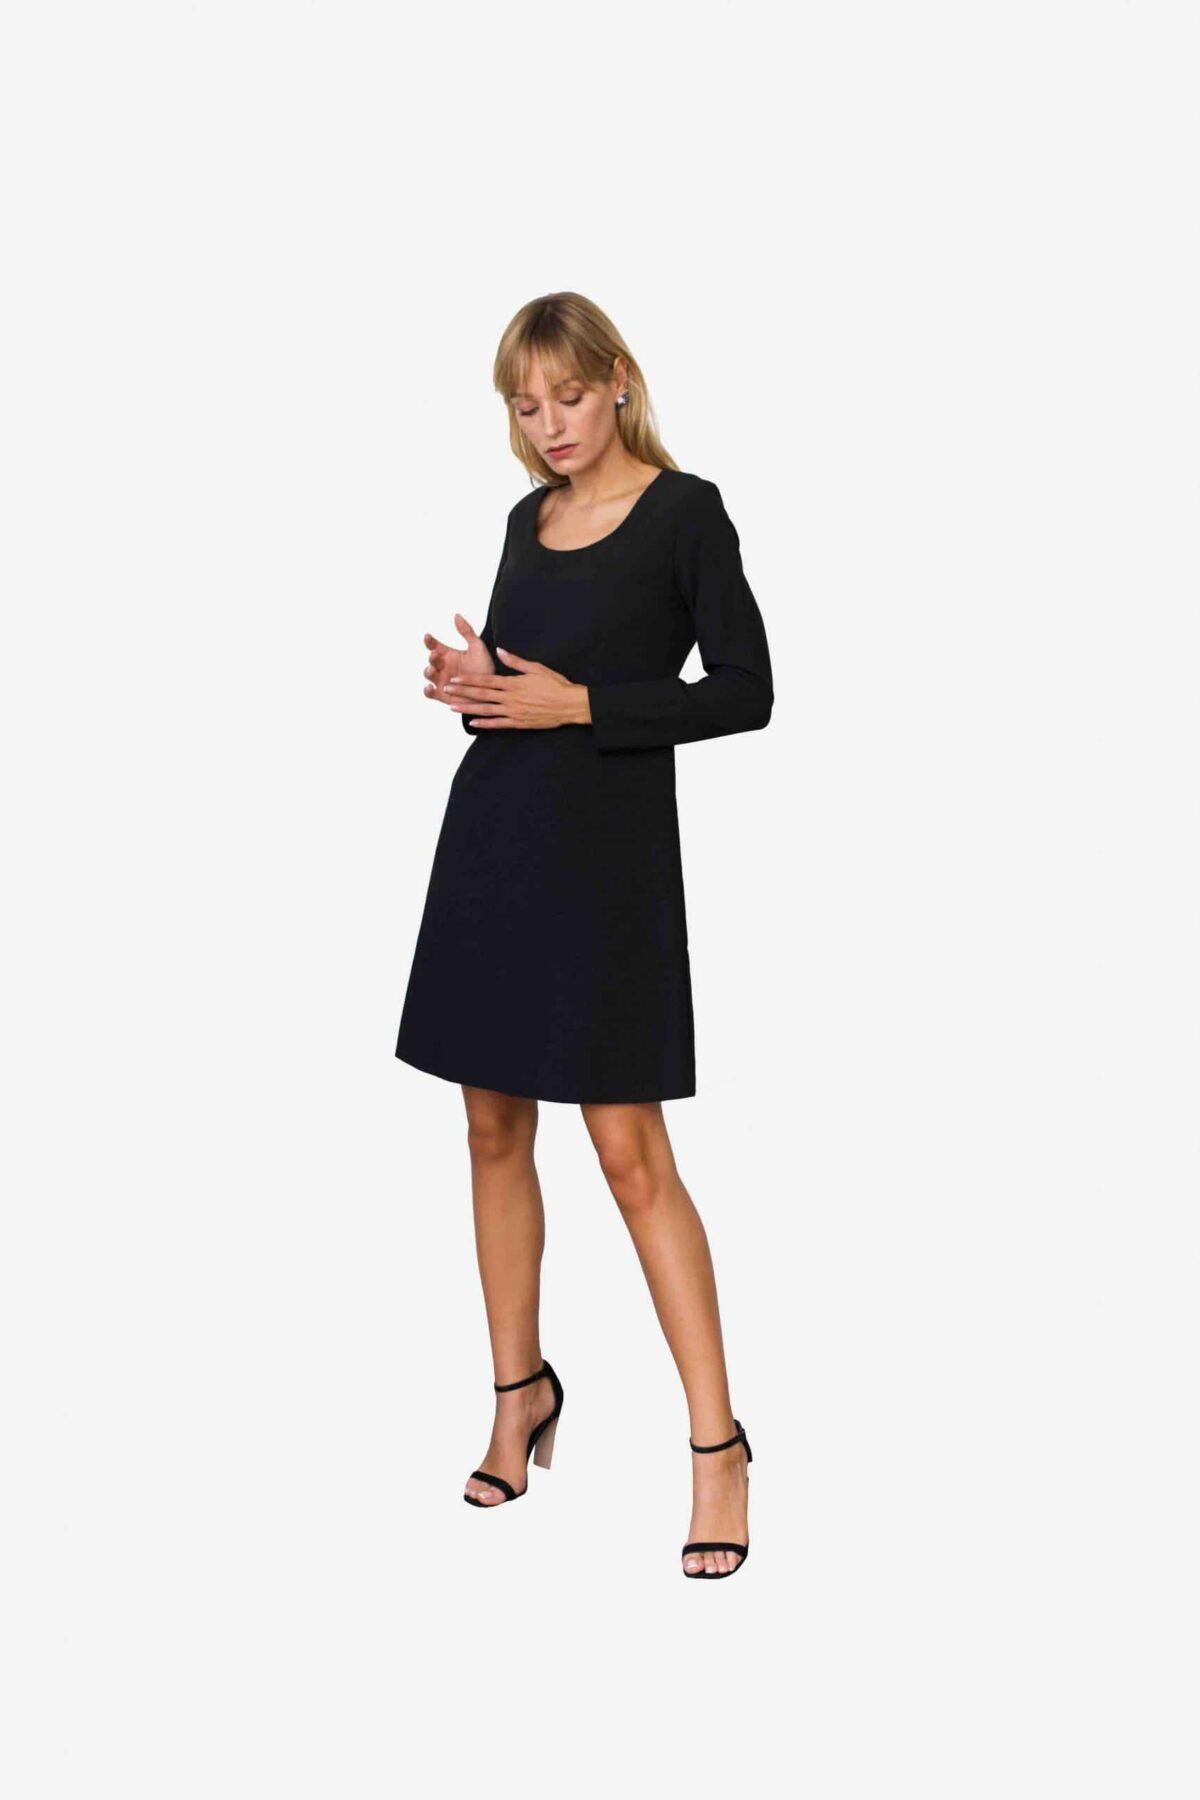 Kleid Cecilia - schwarzes Etuikleid. Pflegeleicht. Knitterarm. Easy Care. Das perfekte Business Outfit.